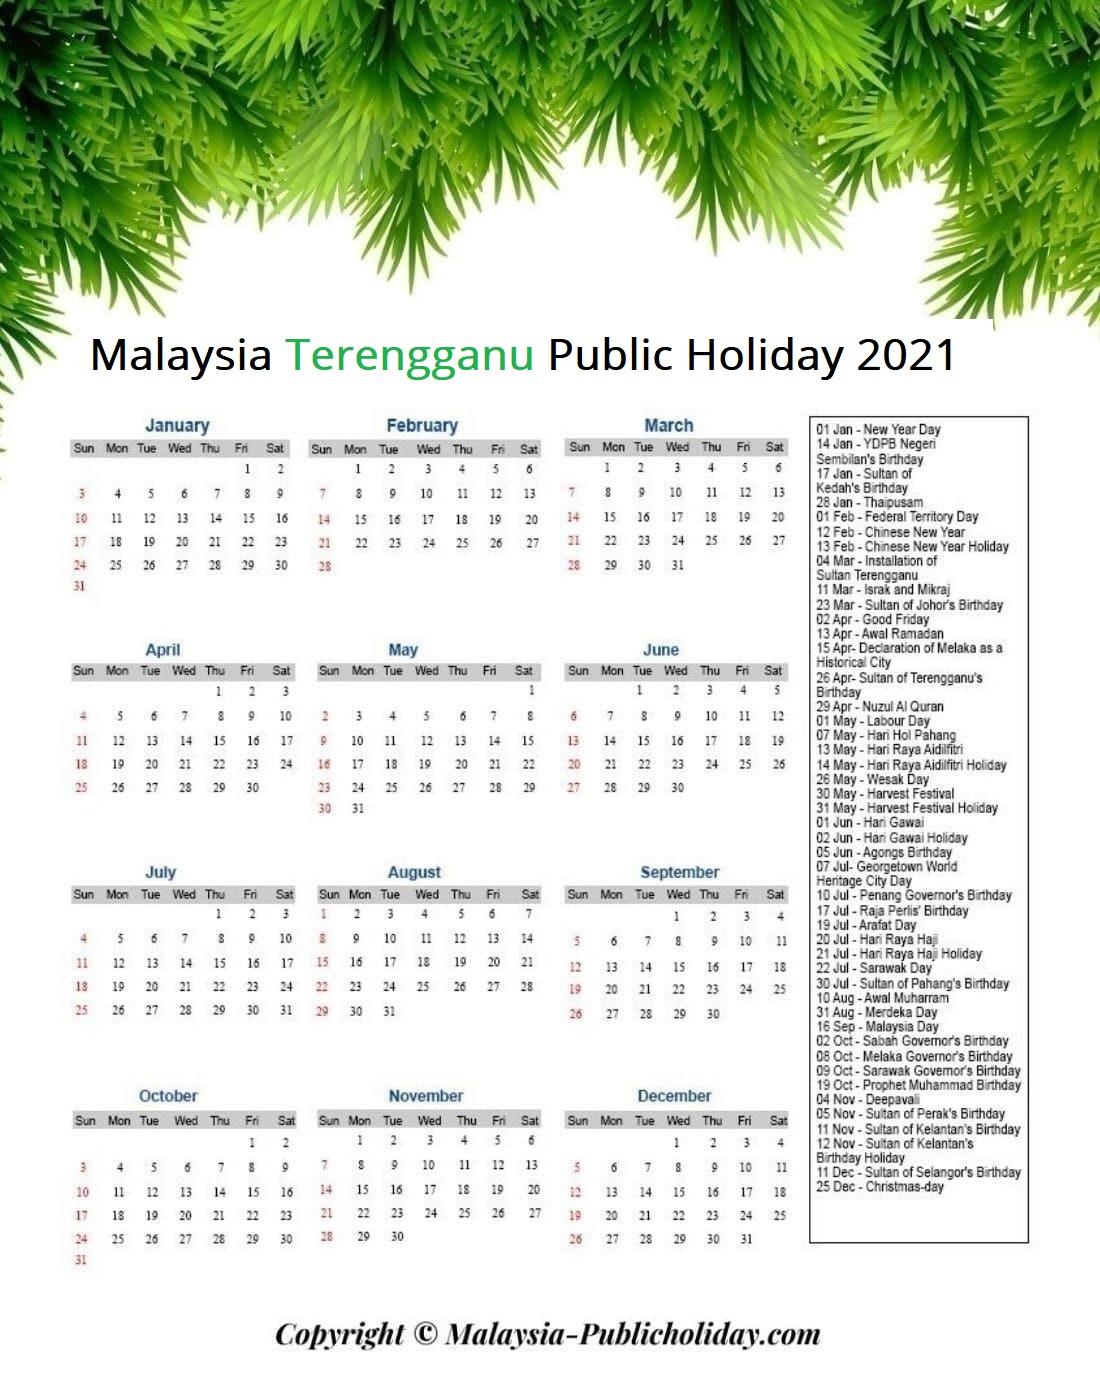 Terengganu Holiday 2021 Malaysia